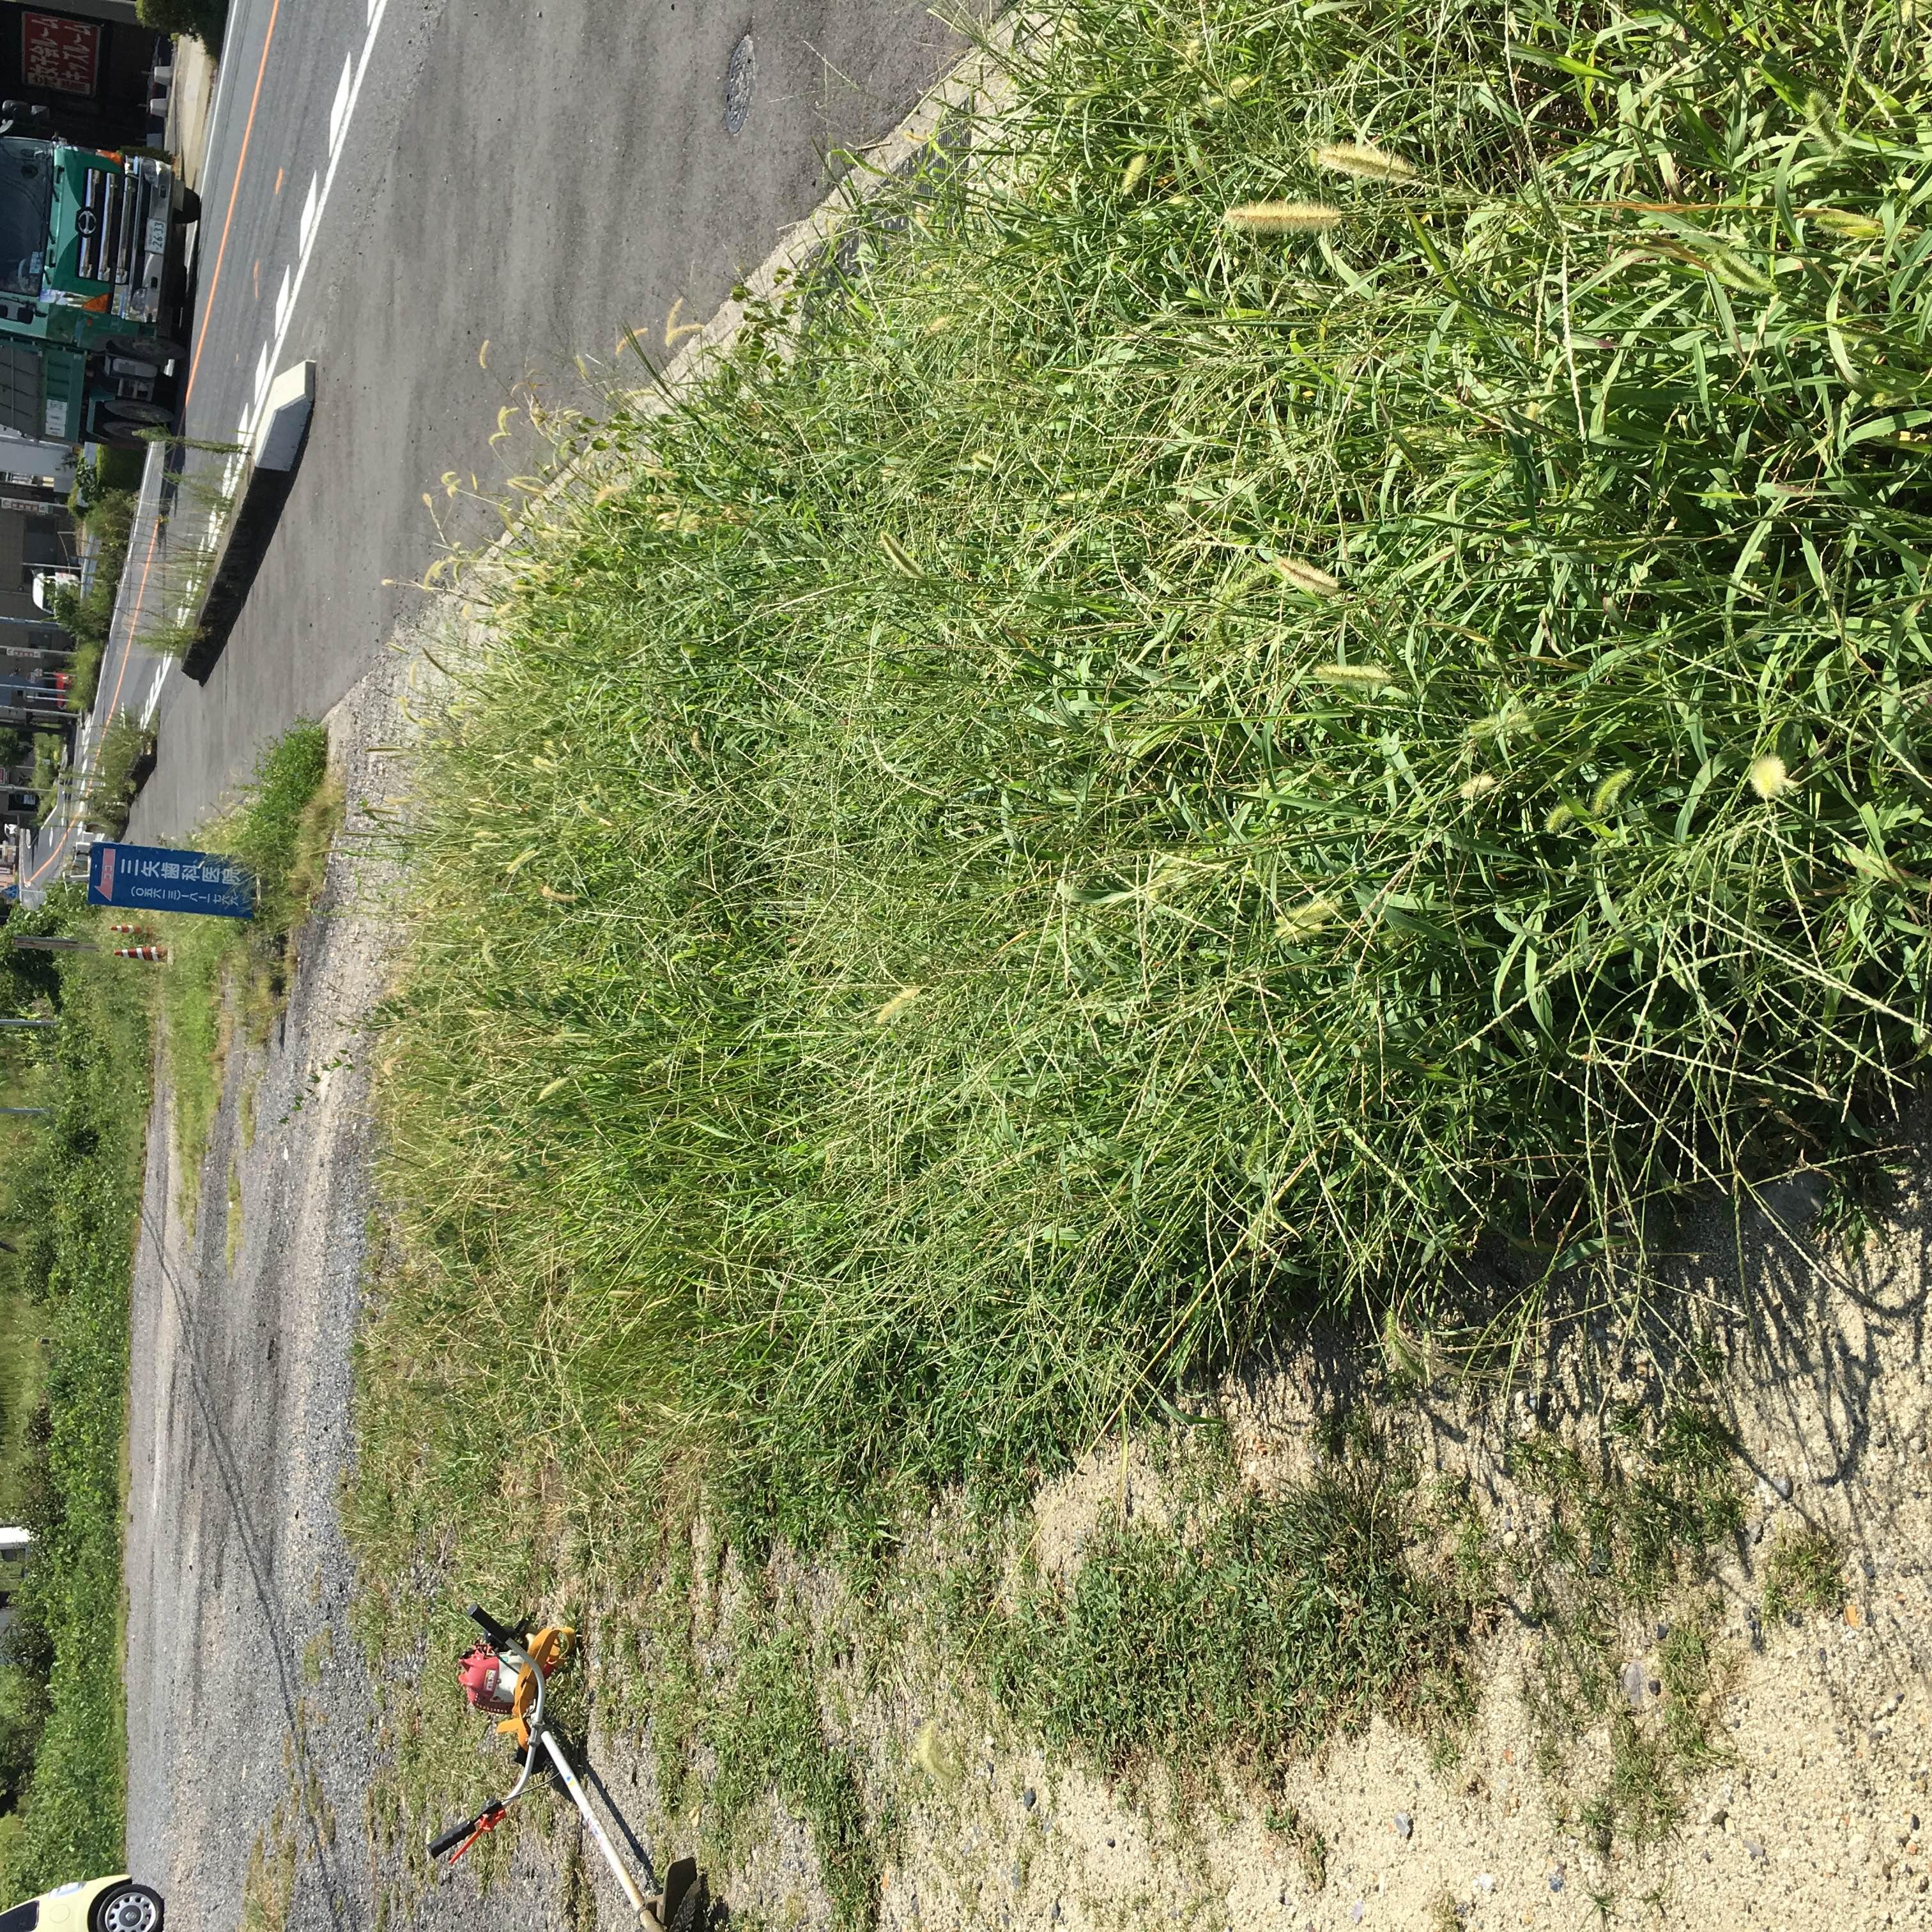 便利屋日報 東郷町の三矢歯科医院様にて草刈りを行いました〜!